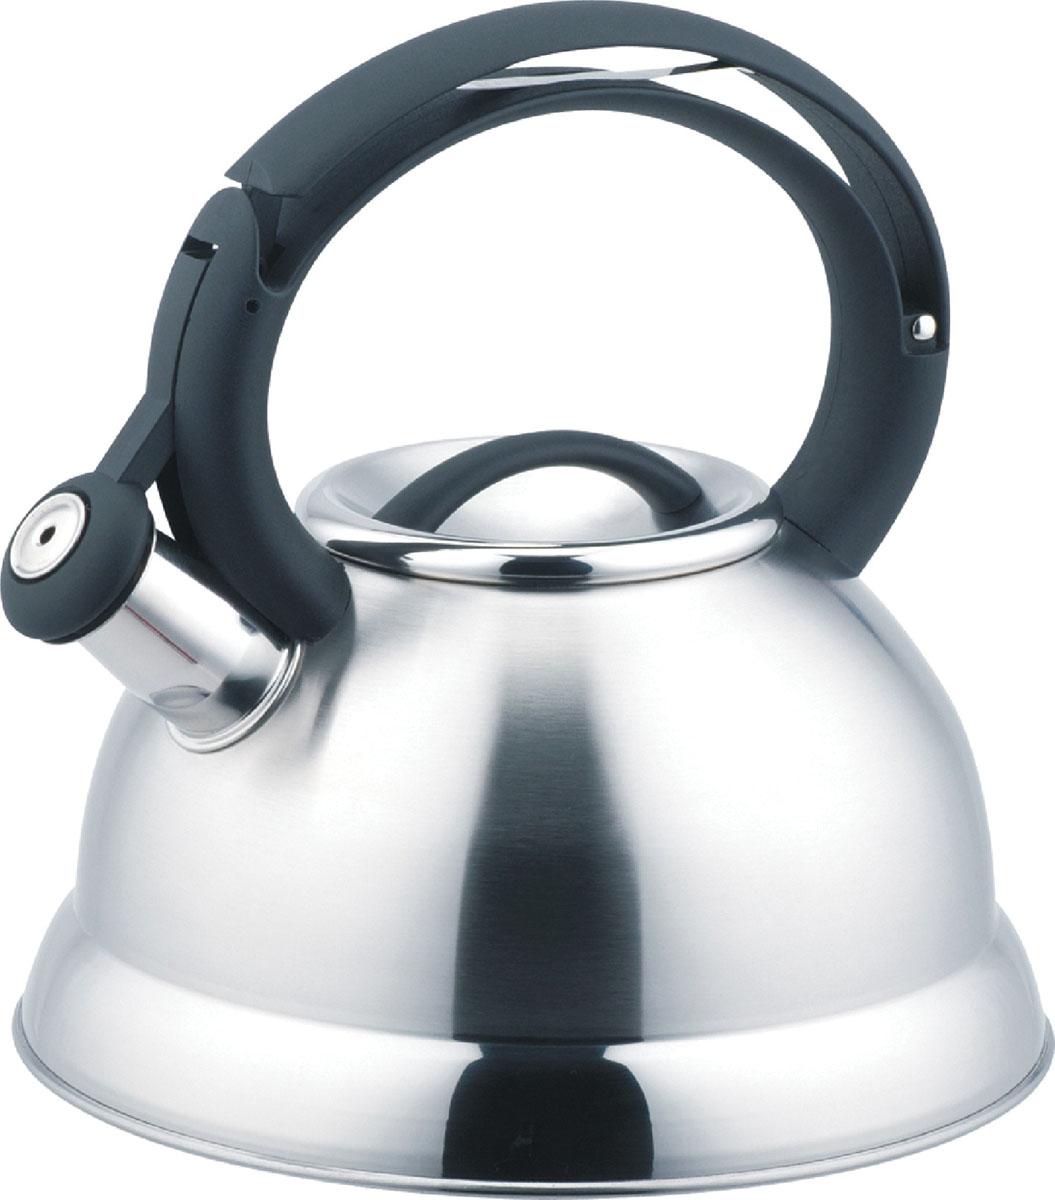 Чайник Bekker De Luxe со свистком, 2,6 л. BK-S404VT-1520(SR)Чайник Bekker De Luxe изготовлен из высококачественной нержавеющей стали 18/10. Поверхность матовая с зеркальной полосой по нижнему краю. Капсулированное дно распределяет тепло по всей поверхности, что позволяет чайнику быстро закипать. Эргономичная фиксированная ручка выполнена из бакелита черного цвета. Носик оснащен откидным свистком, который подскажет, когда вода закипела. Свисток открывается нажатием на рукоятку. Подходит для всех типов плит, включая индукционные. Можно мыть в посудомоечной машине.